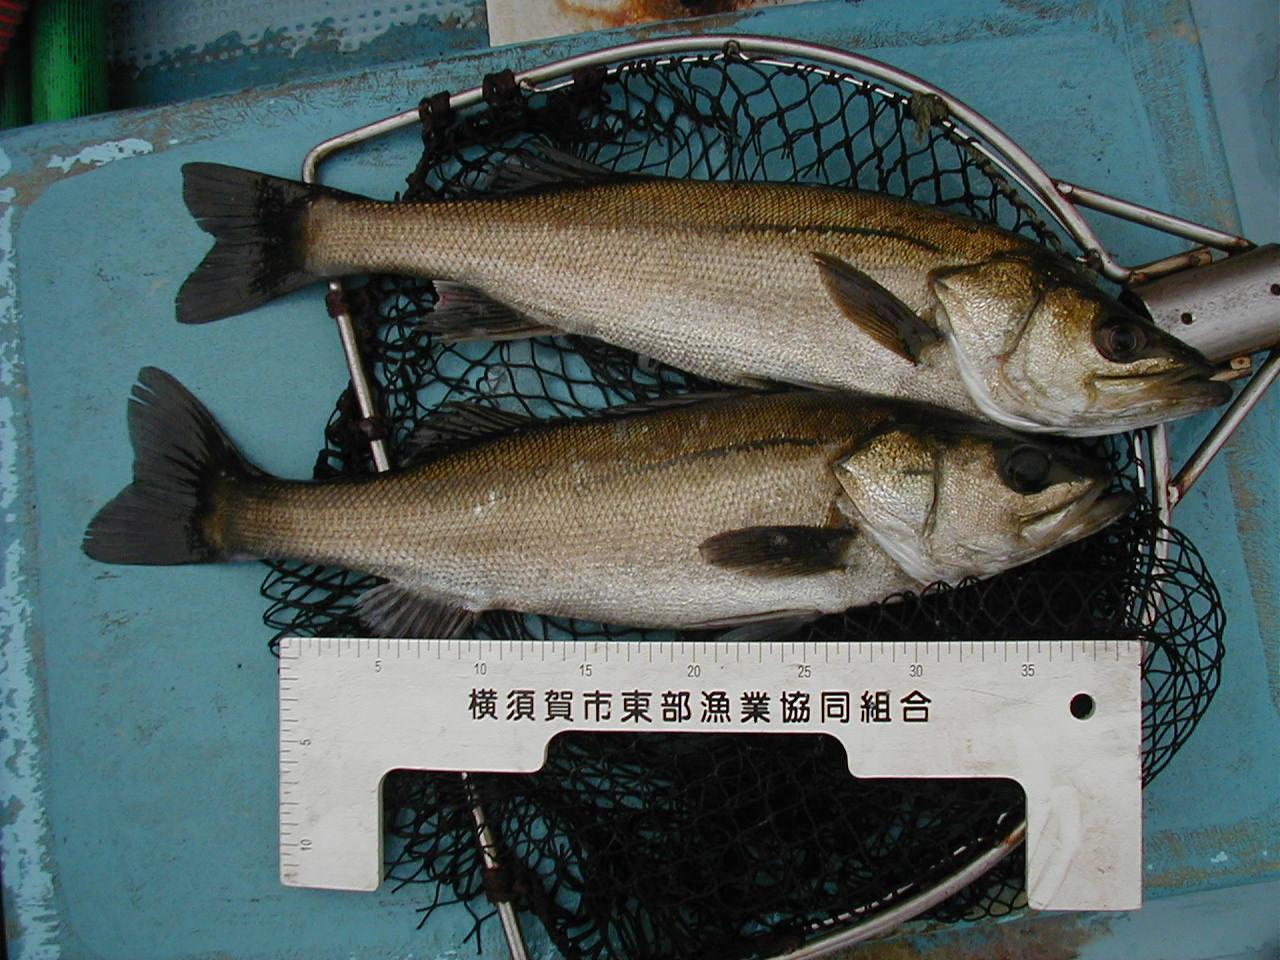 横須賀市東部漁協横須賀支所後継者グループ